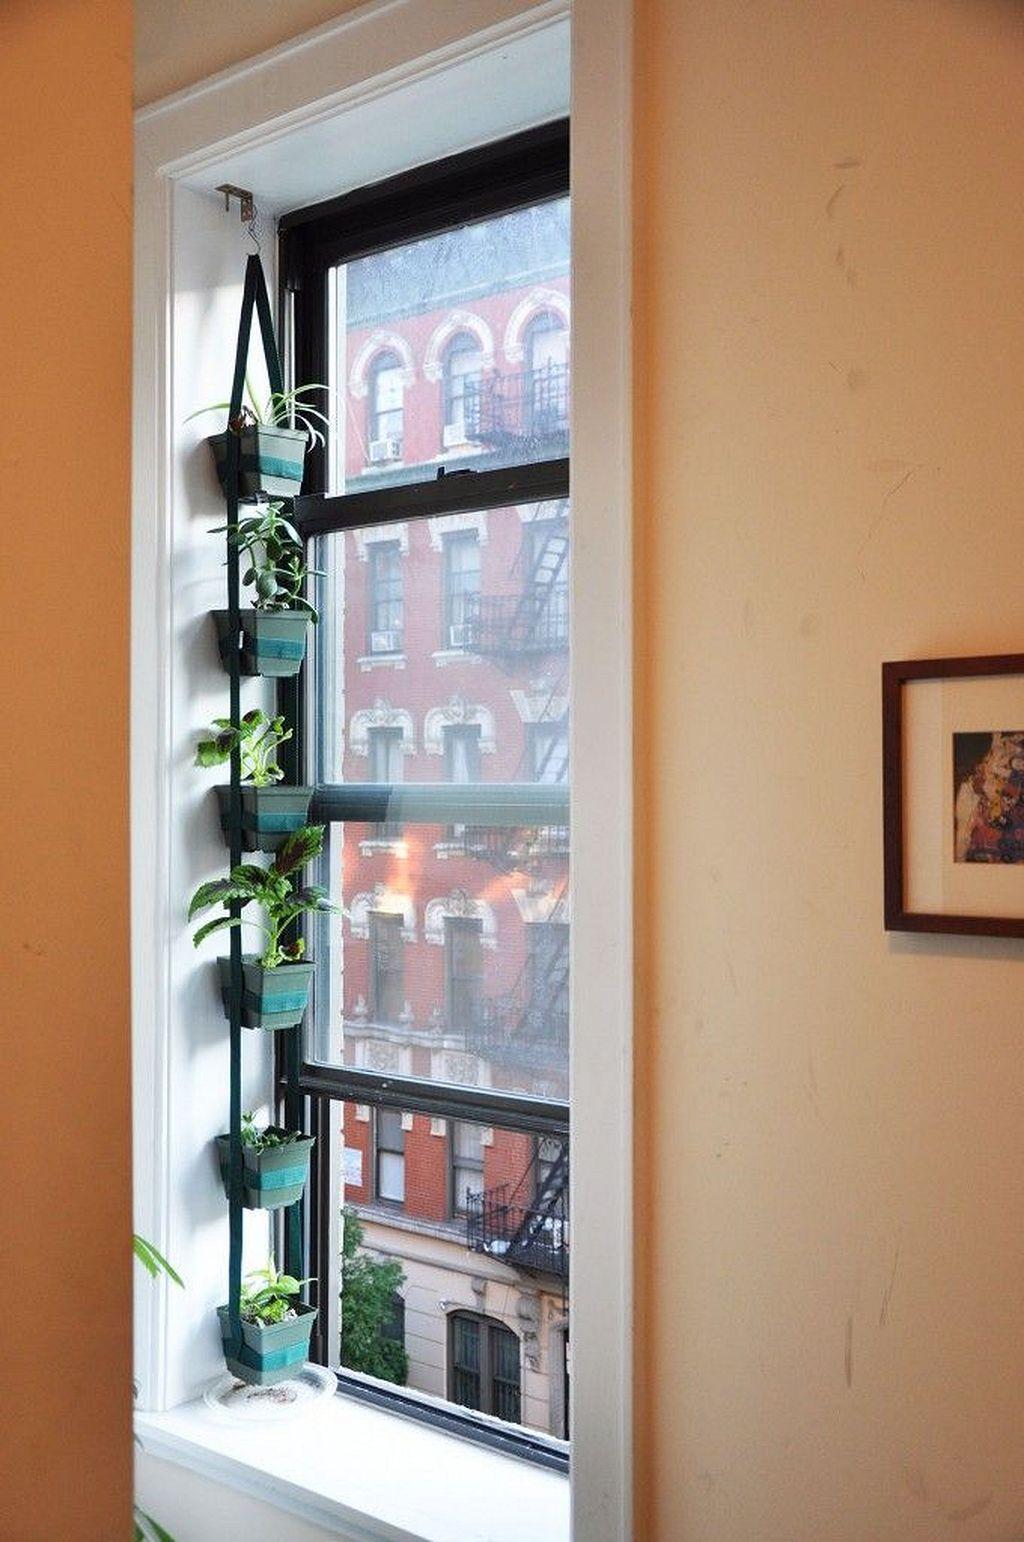 Nice 30 Window Garden Great Ideas Https Gardenmagz Com 30 Window Garden Great Ideas Vertical Garden Indoor Diy Hanging Planter Indoor Decor